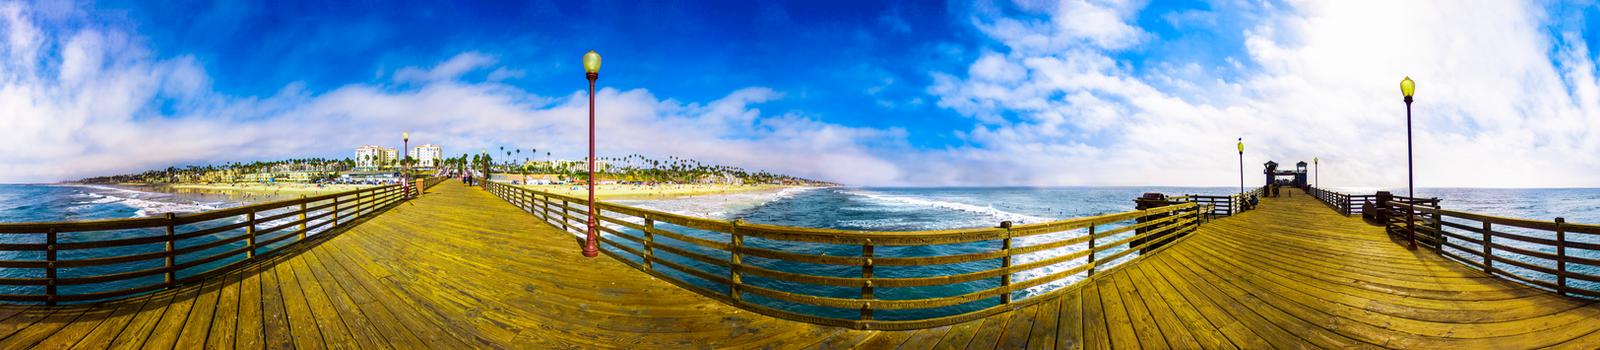 Oceanside Pier by DropThePress